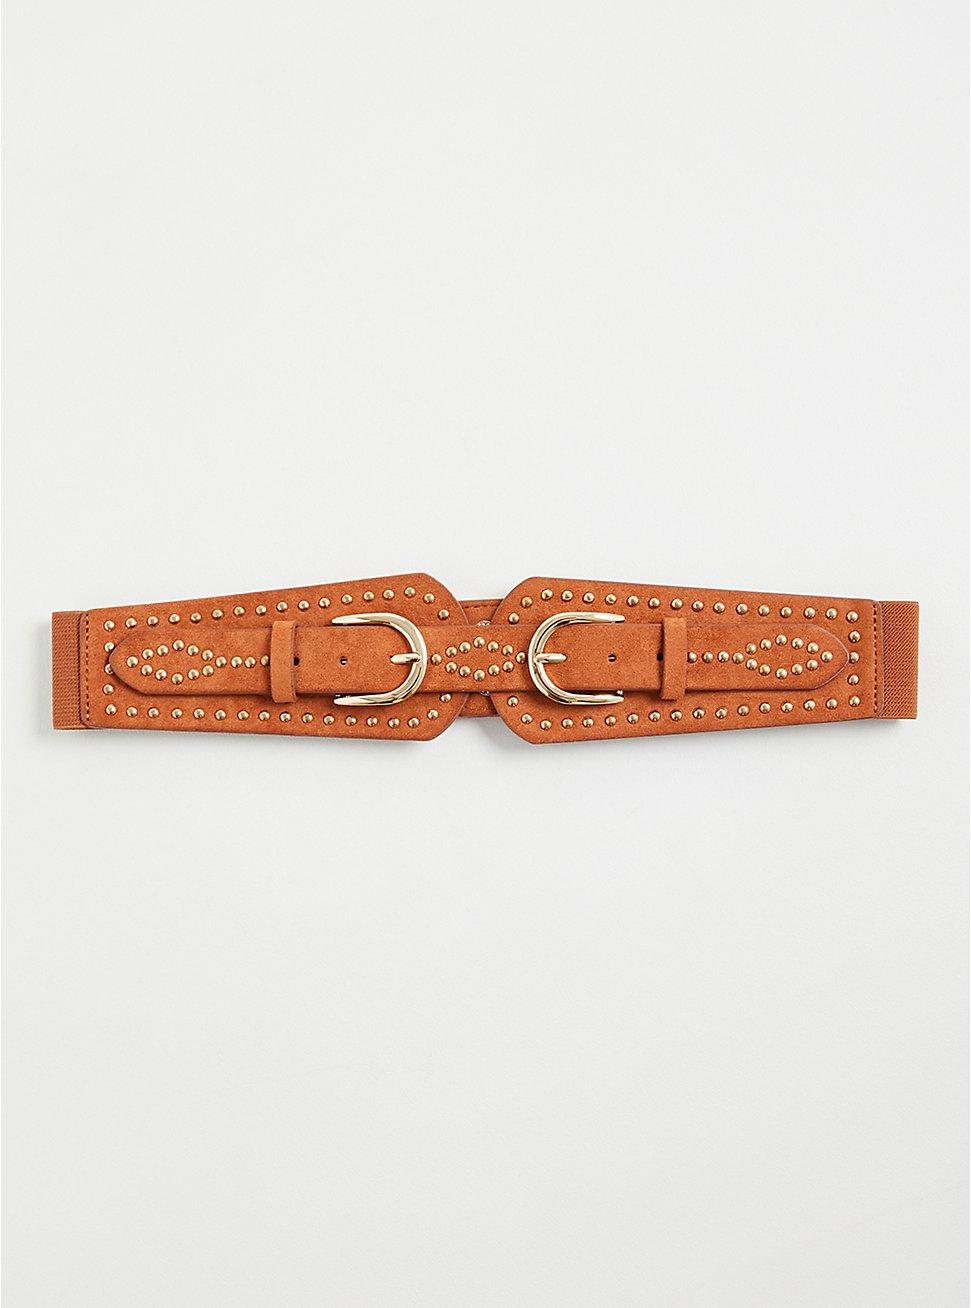 Studded Waist Belt - Faux Suede Cognac, BROWN, hi-res